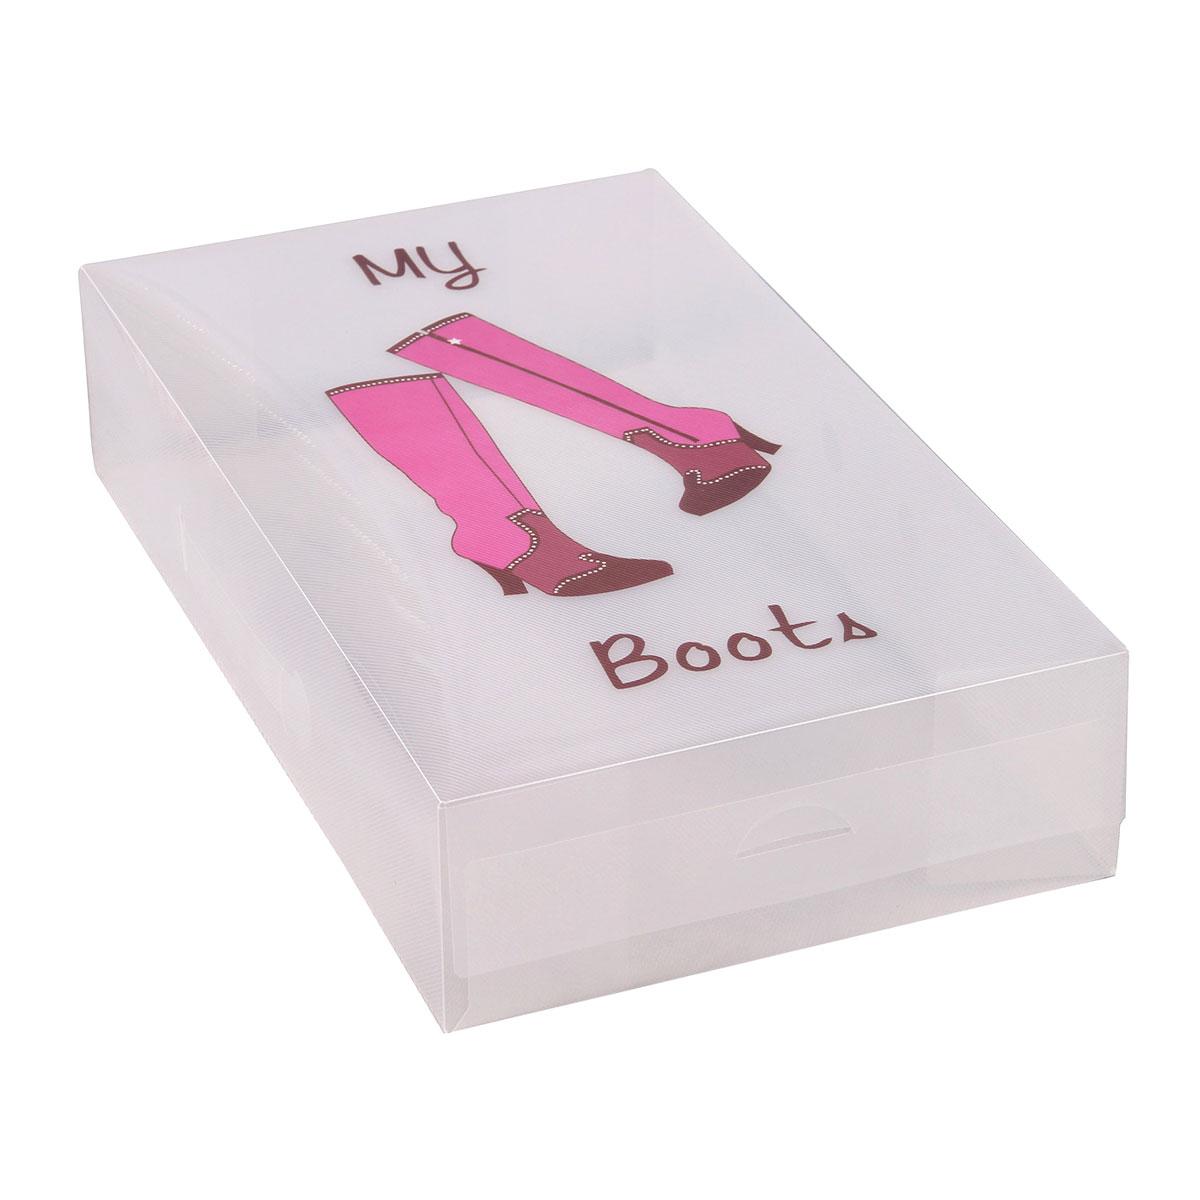 Короб для xранения обуви Miolla, 52 x 30 x 11 см. PLS-2PLS-2Удлиненный короб для обуви от Miolla превратит хранение сапог из головной боли в сплошное удовольствие. Жесткий и вместительный, он создан для обуви с длинным голенищем, которая после сезона ношения обычно неаккуратно убирается вглубь обувного шкафа из-за своих нестандартных размеров. Теперь можно не пренебрегать дорогими вещами, а с умом хранить любые сапоги в удобном и прочном коробе.Размер короба: 52 х 30 х 11 см.